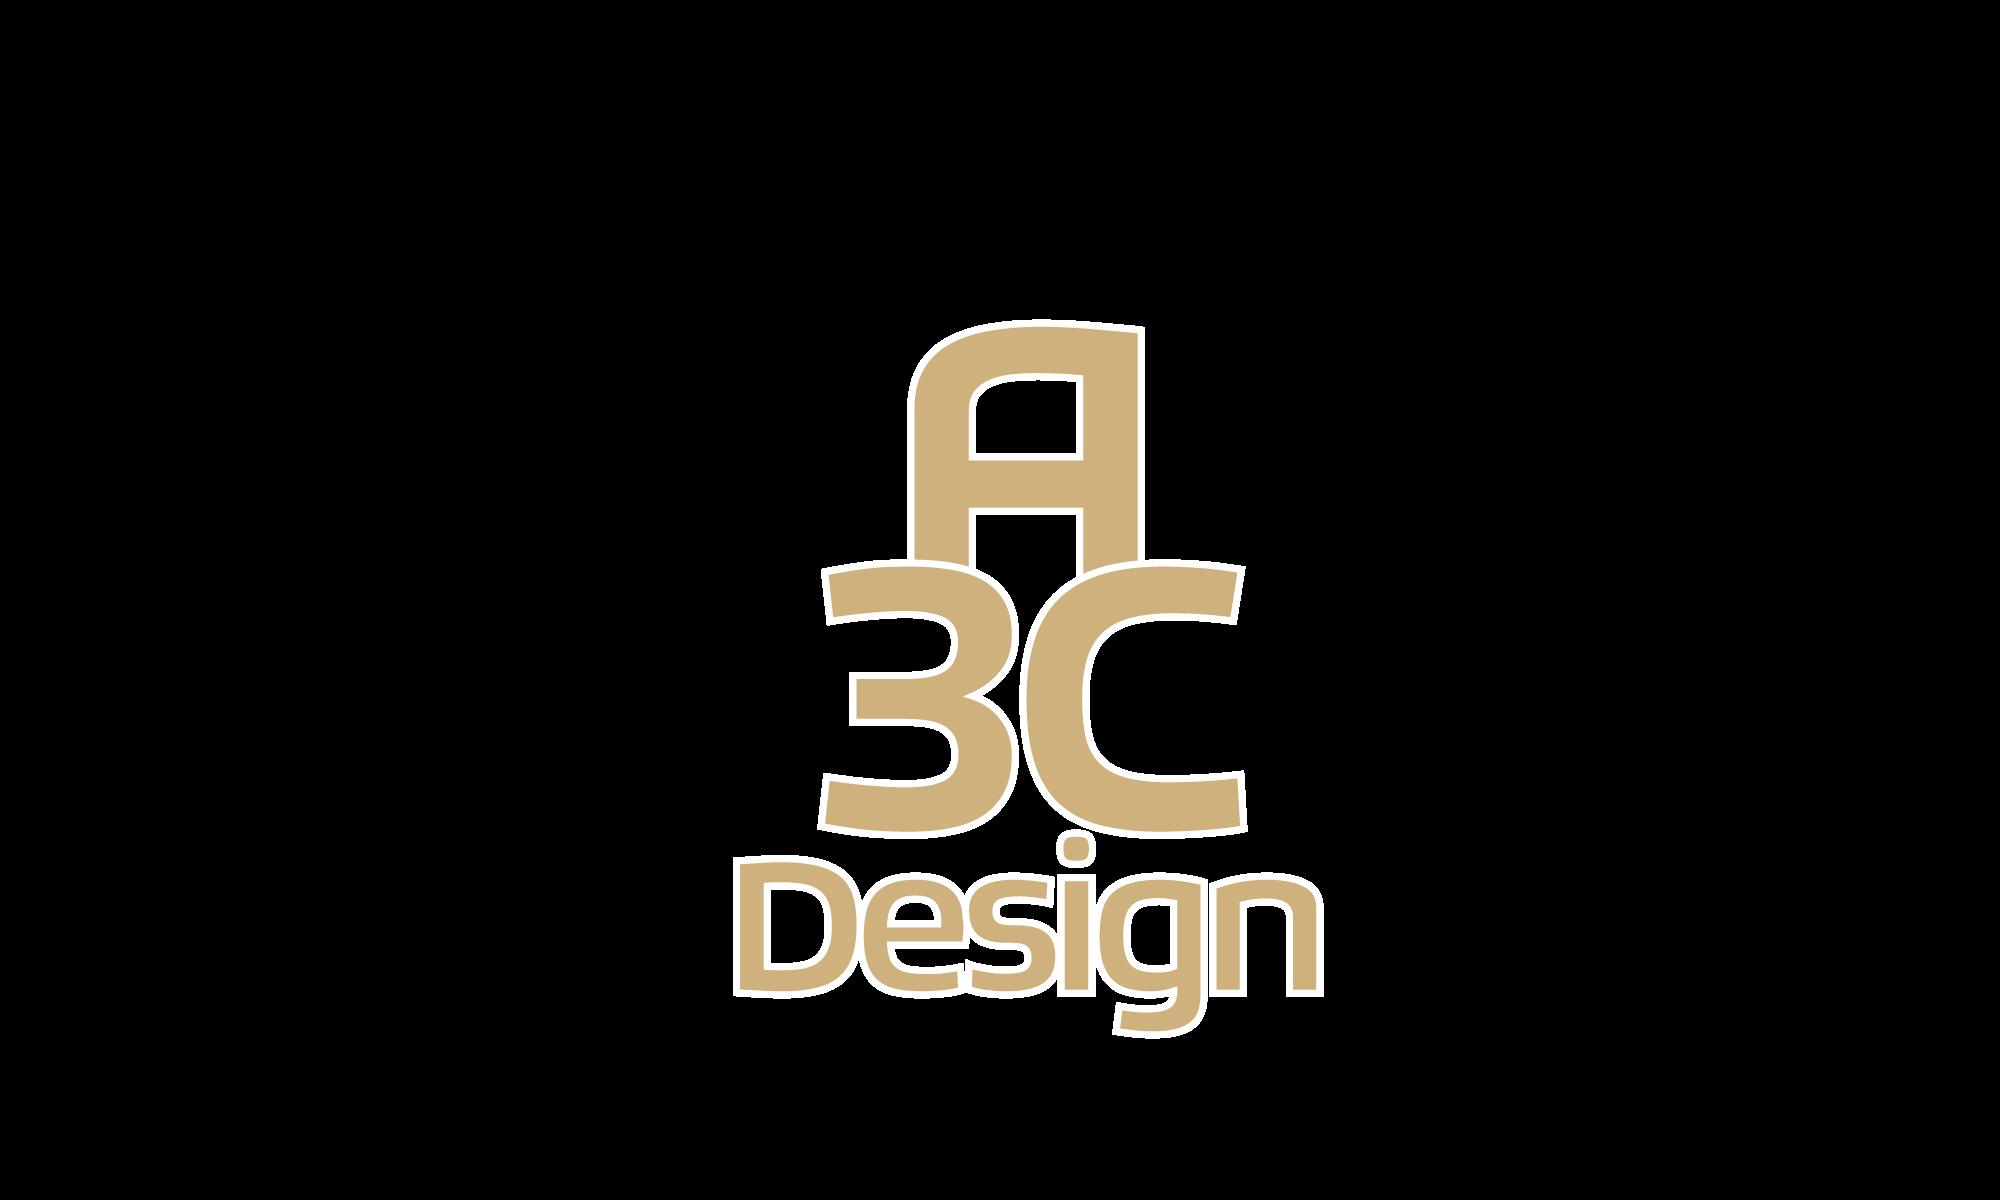 A3C Design